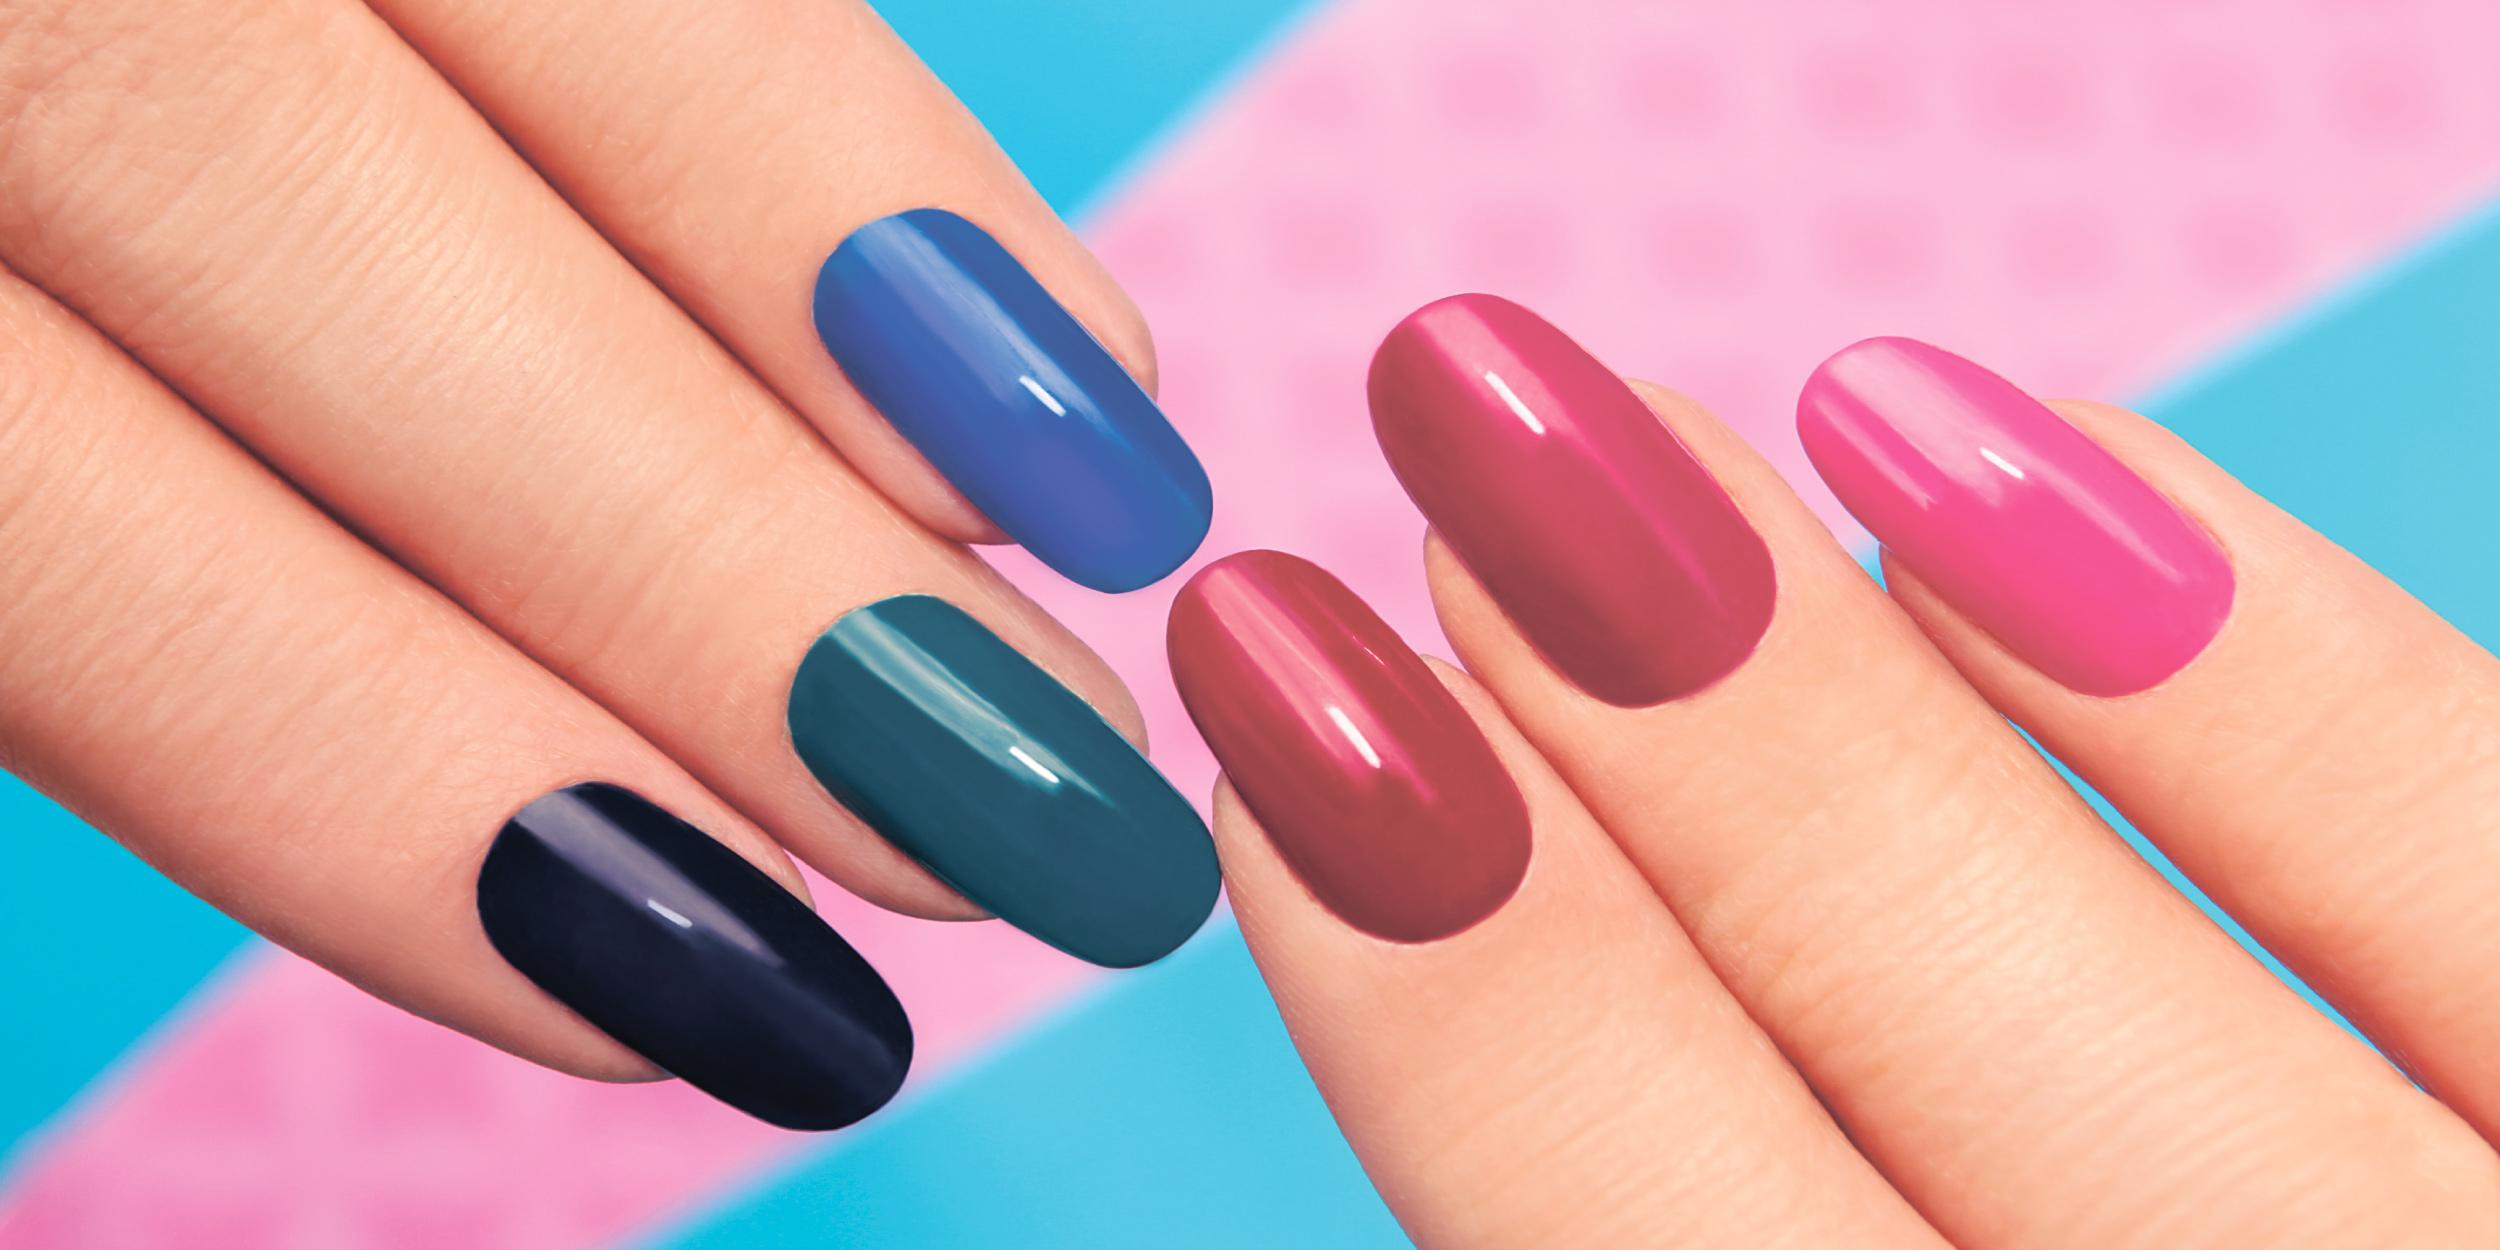 Красим ногти. 3 лайфхака, которые вы захотите использовать каждый раз рекомендации